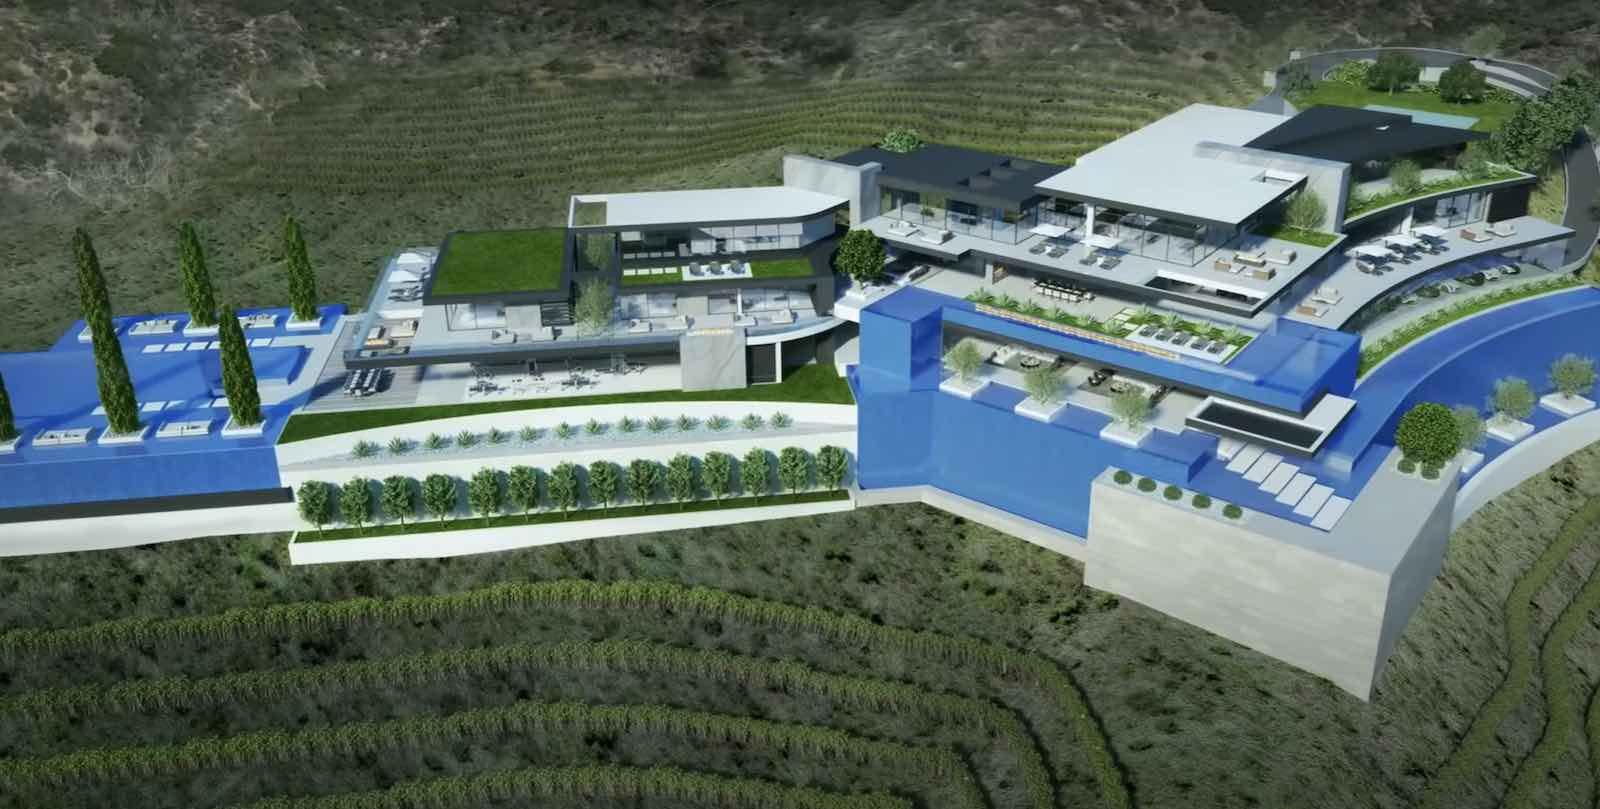 Esta mega mansión de $250 MILLONES y 78.000 pies cuadrados se encuentra en construcción en Beverly Hills, L.A.